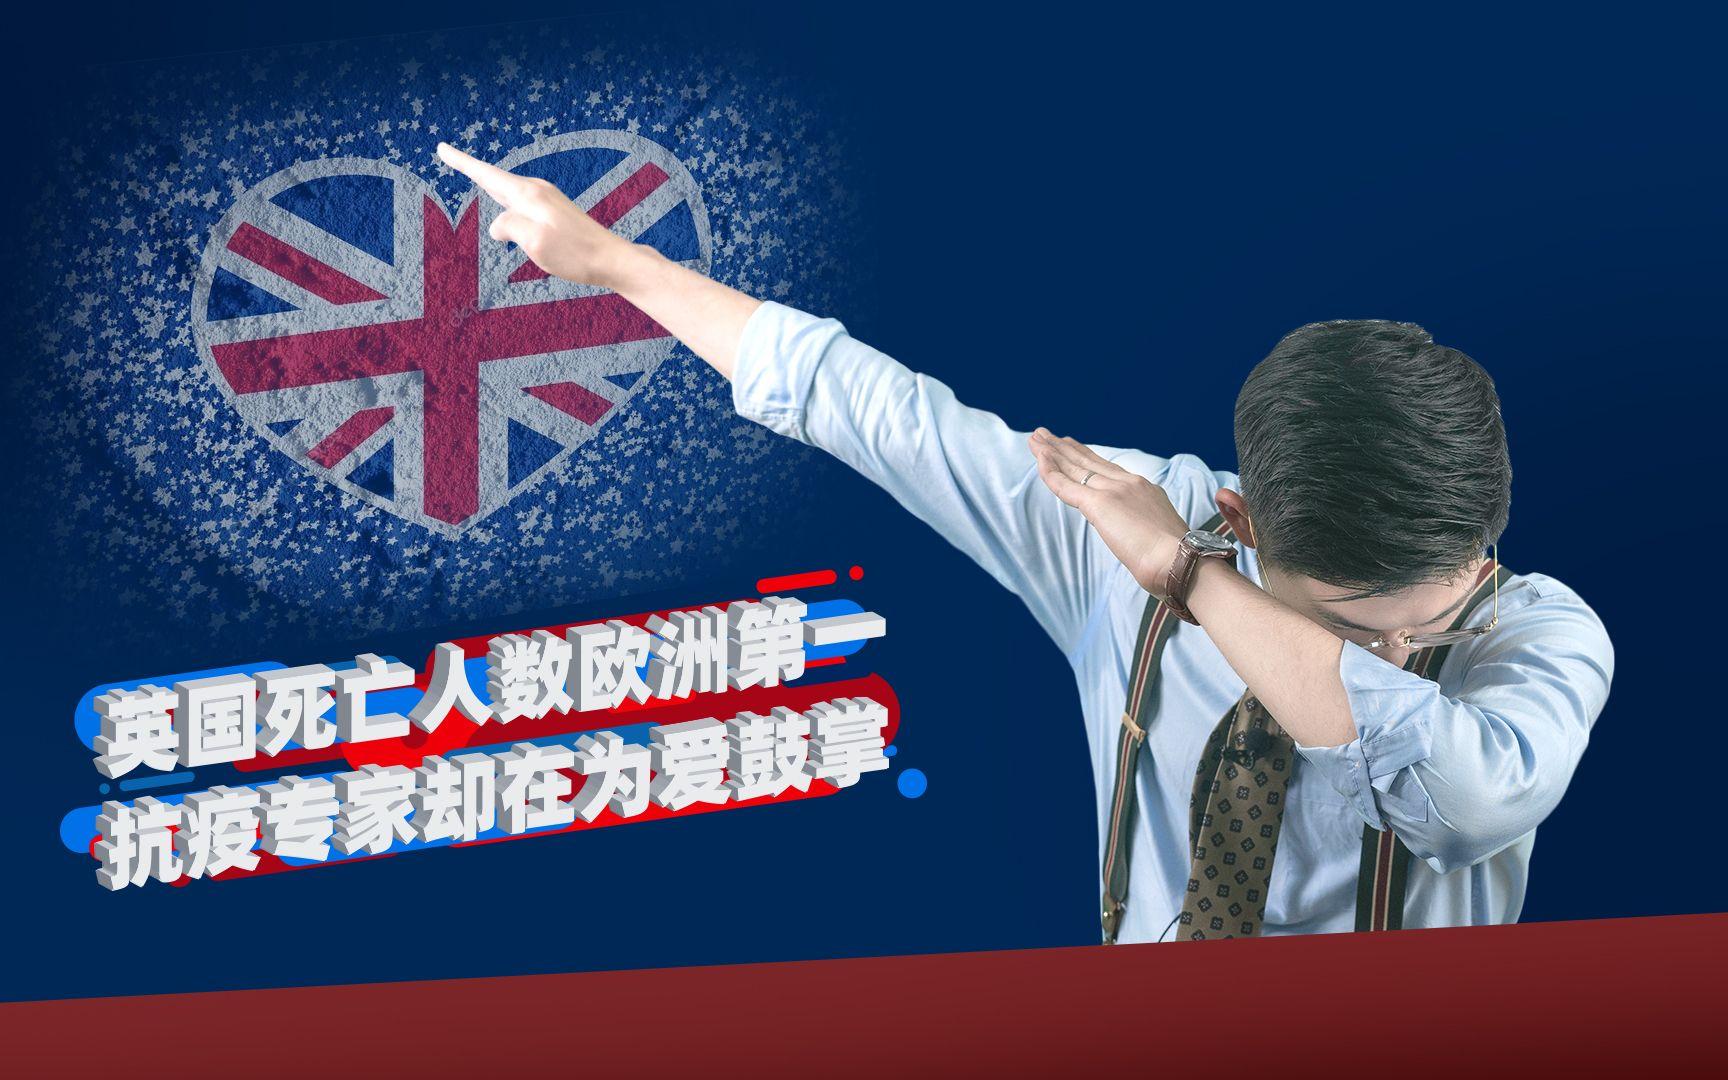 骁遣07:英国死亡人数欧洲第一,政府抗疫专家却在为爱鼓掌?